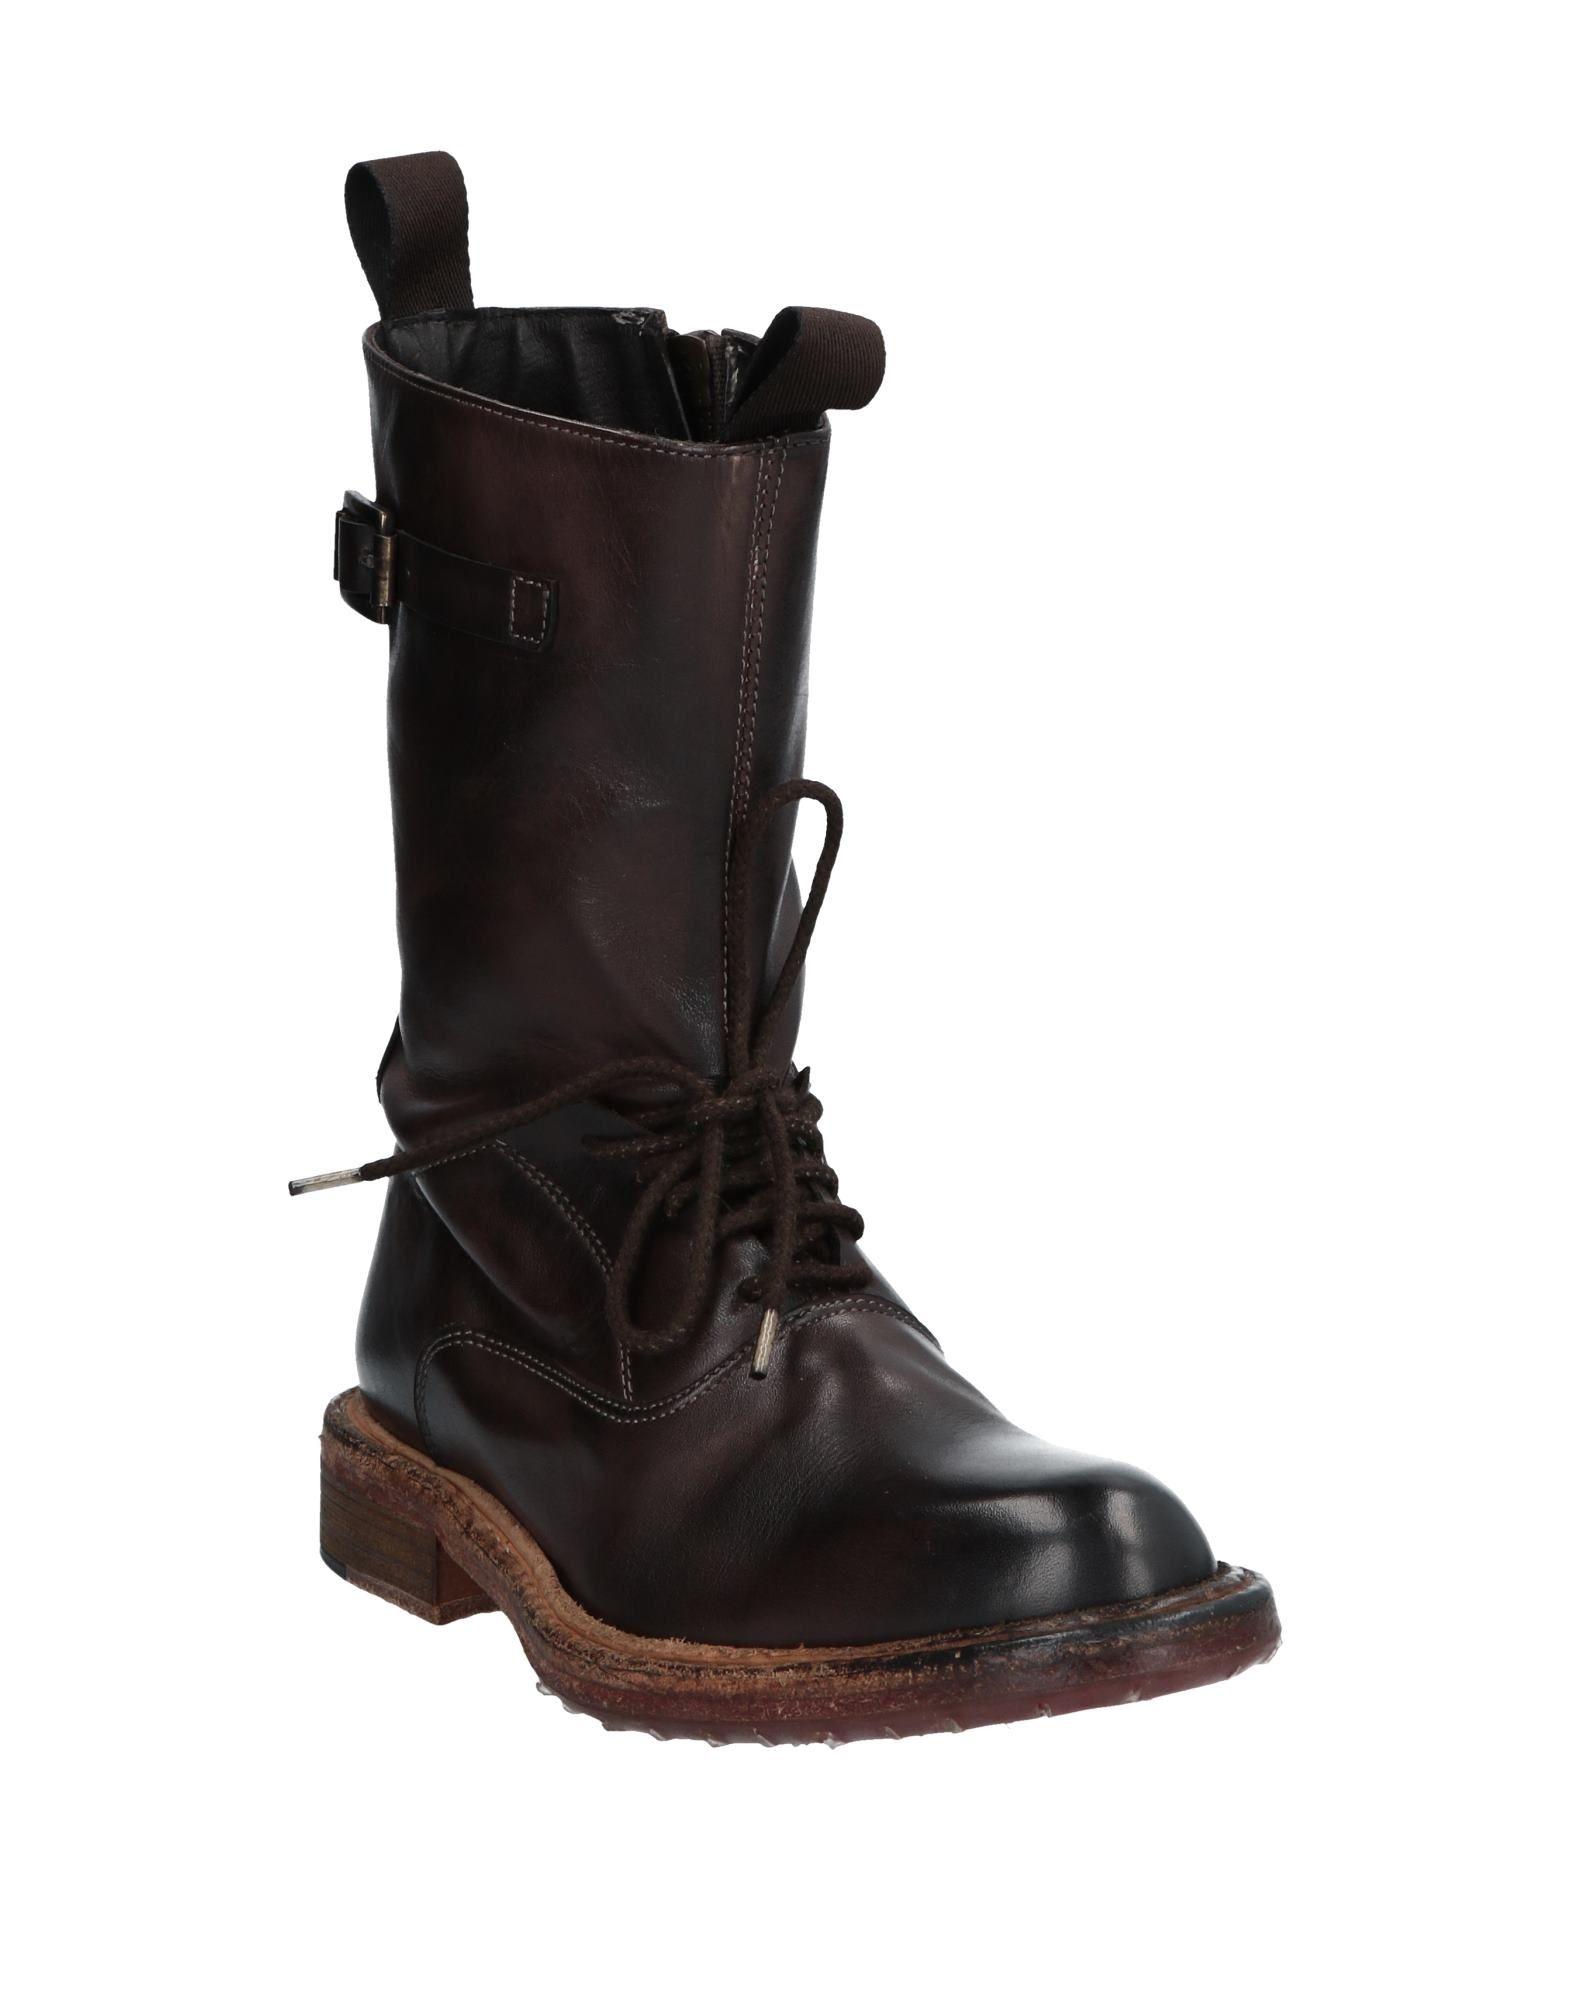 Jp/David Stiefelette beliebte Damen 11556700RM Gute Qualität beliebte Stiefelette Schuhe 831486